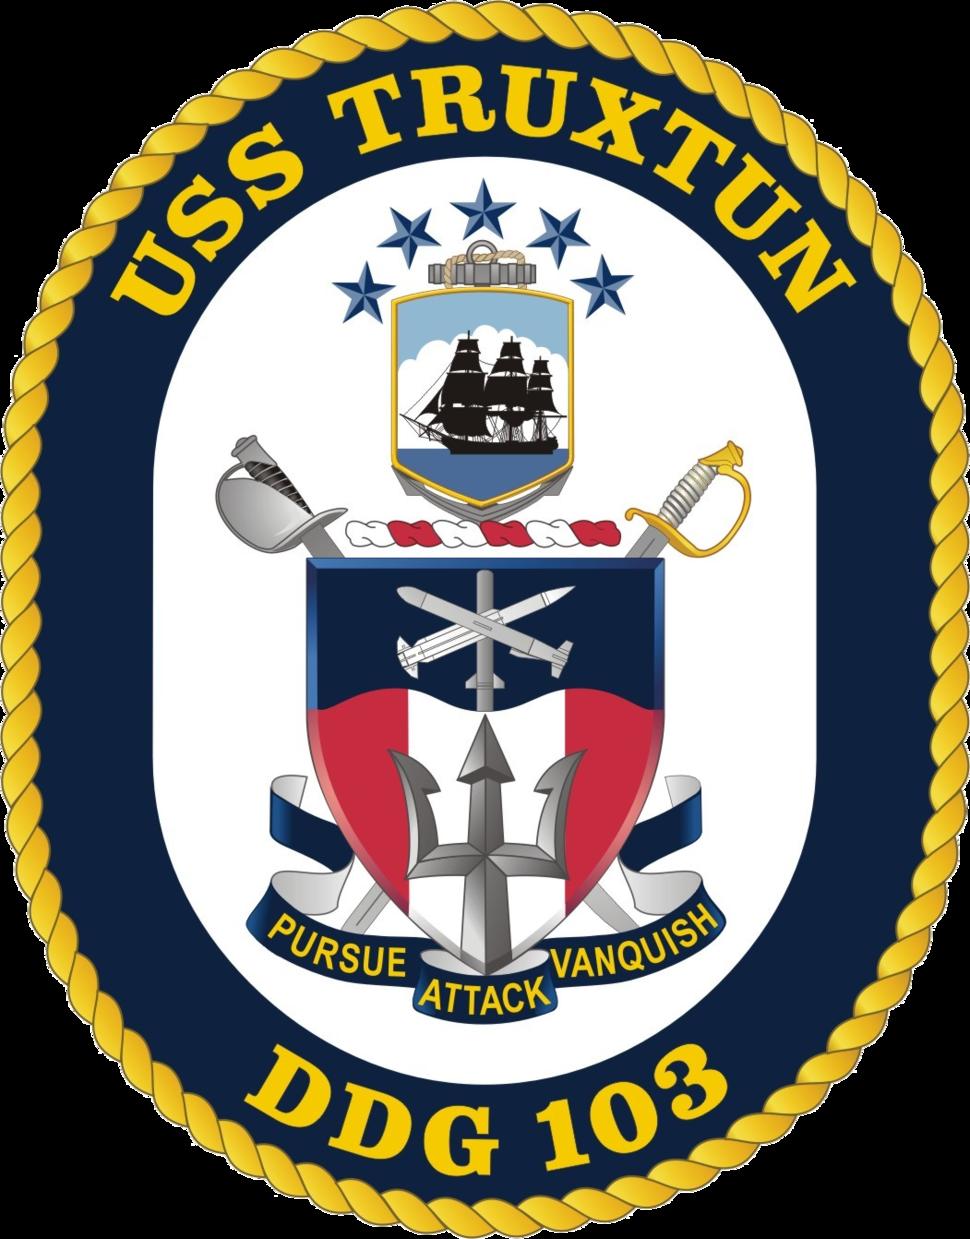 USS Truxtun DDG-103 Crest